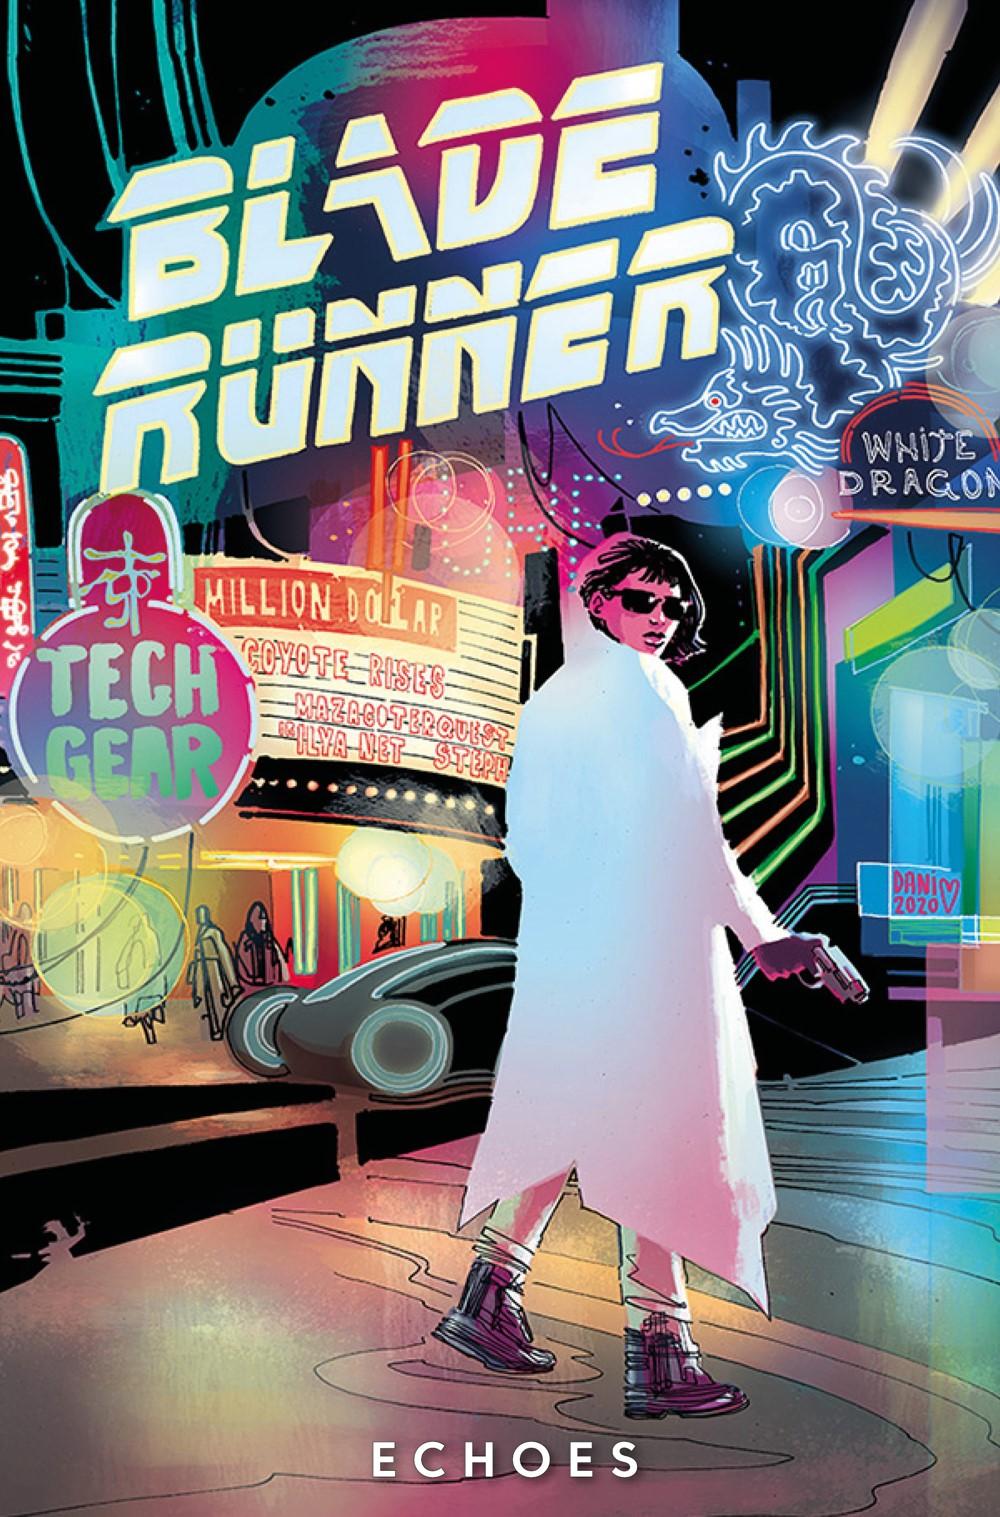 BR-2029-VOL.2-ECHOES-TP Titan Comics October 2021 Solicitations